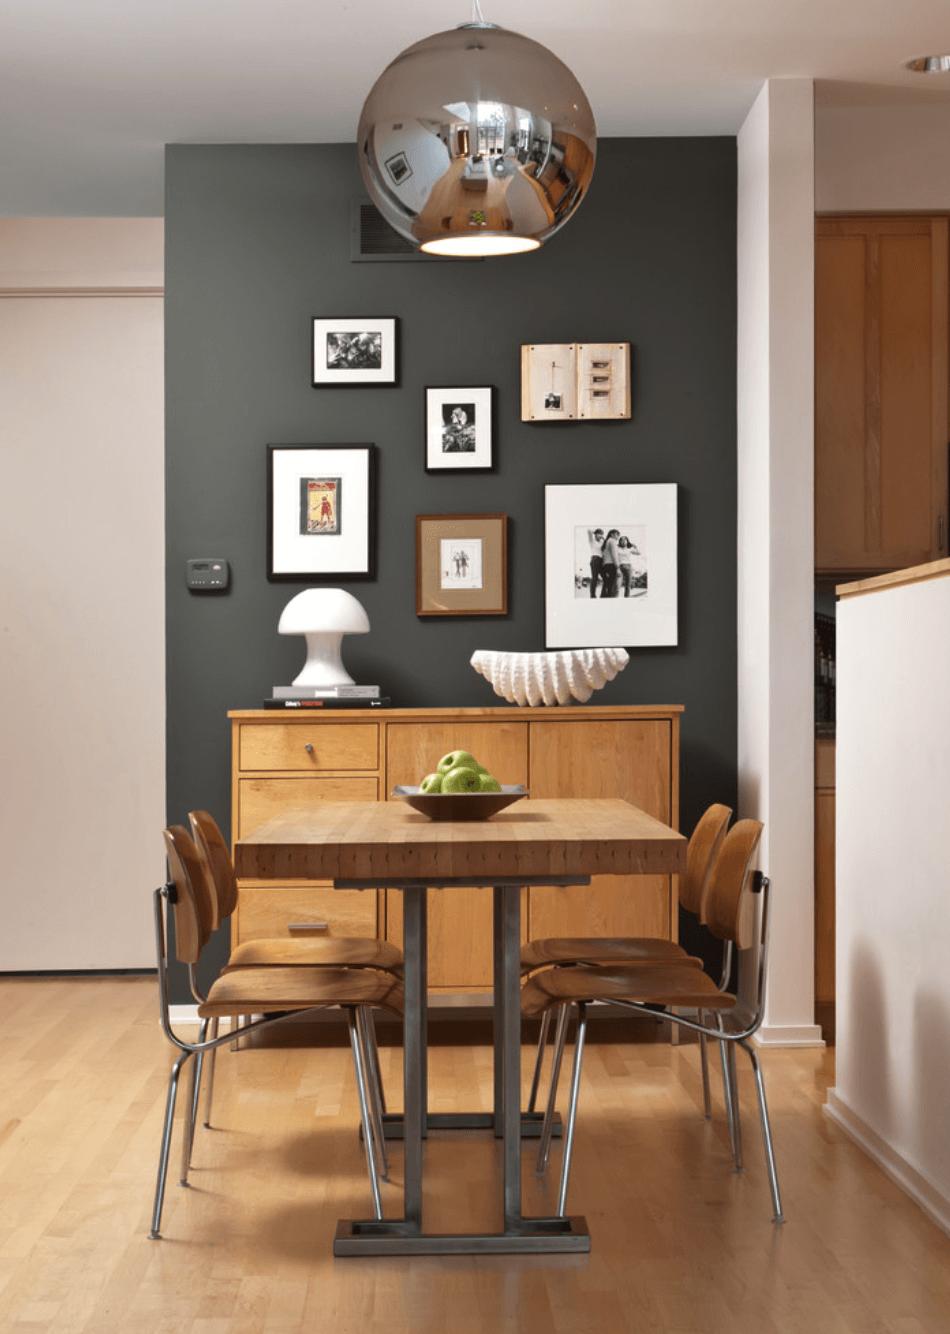 Pruzak Com Sala De Jantar Pequena Pontofrio Id Ias Interessantes  -> Sala De Jantar Pequena Pontofrio